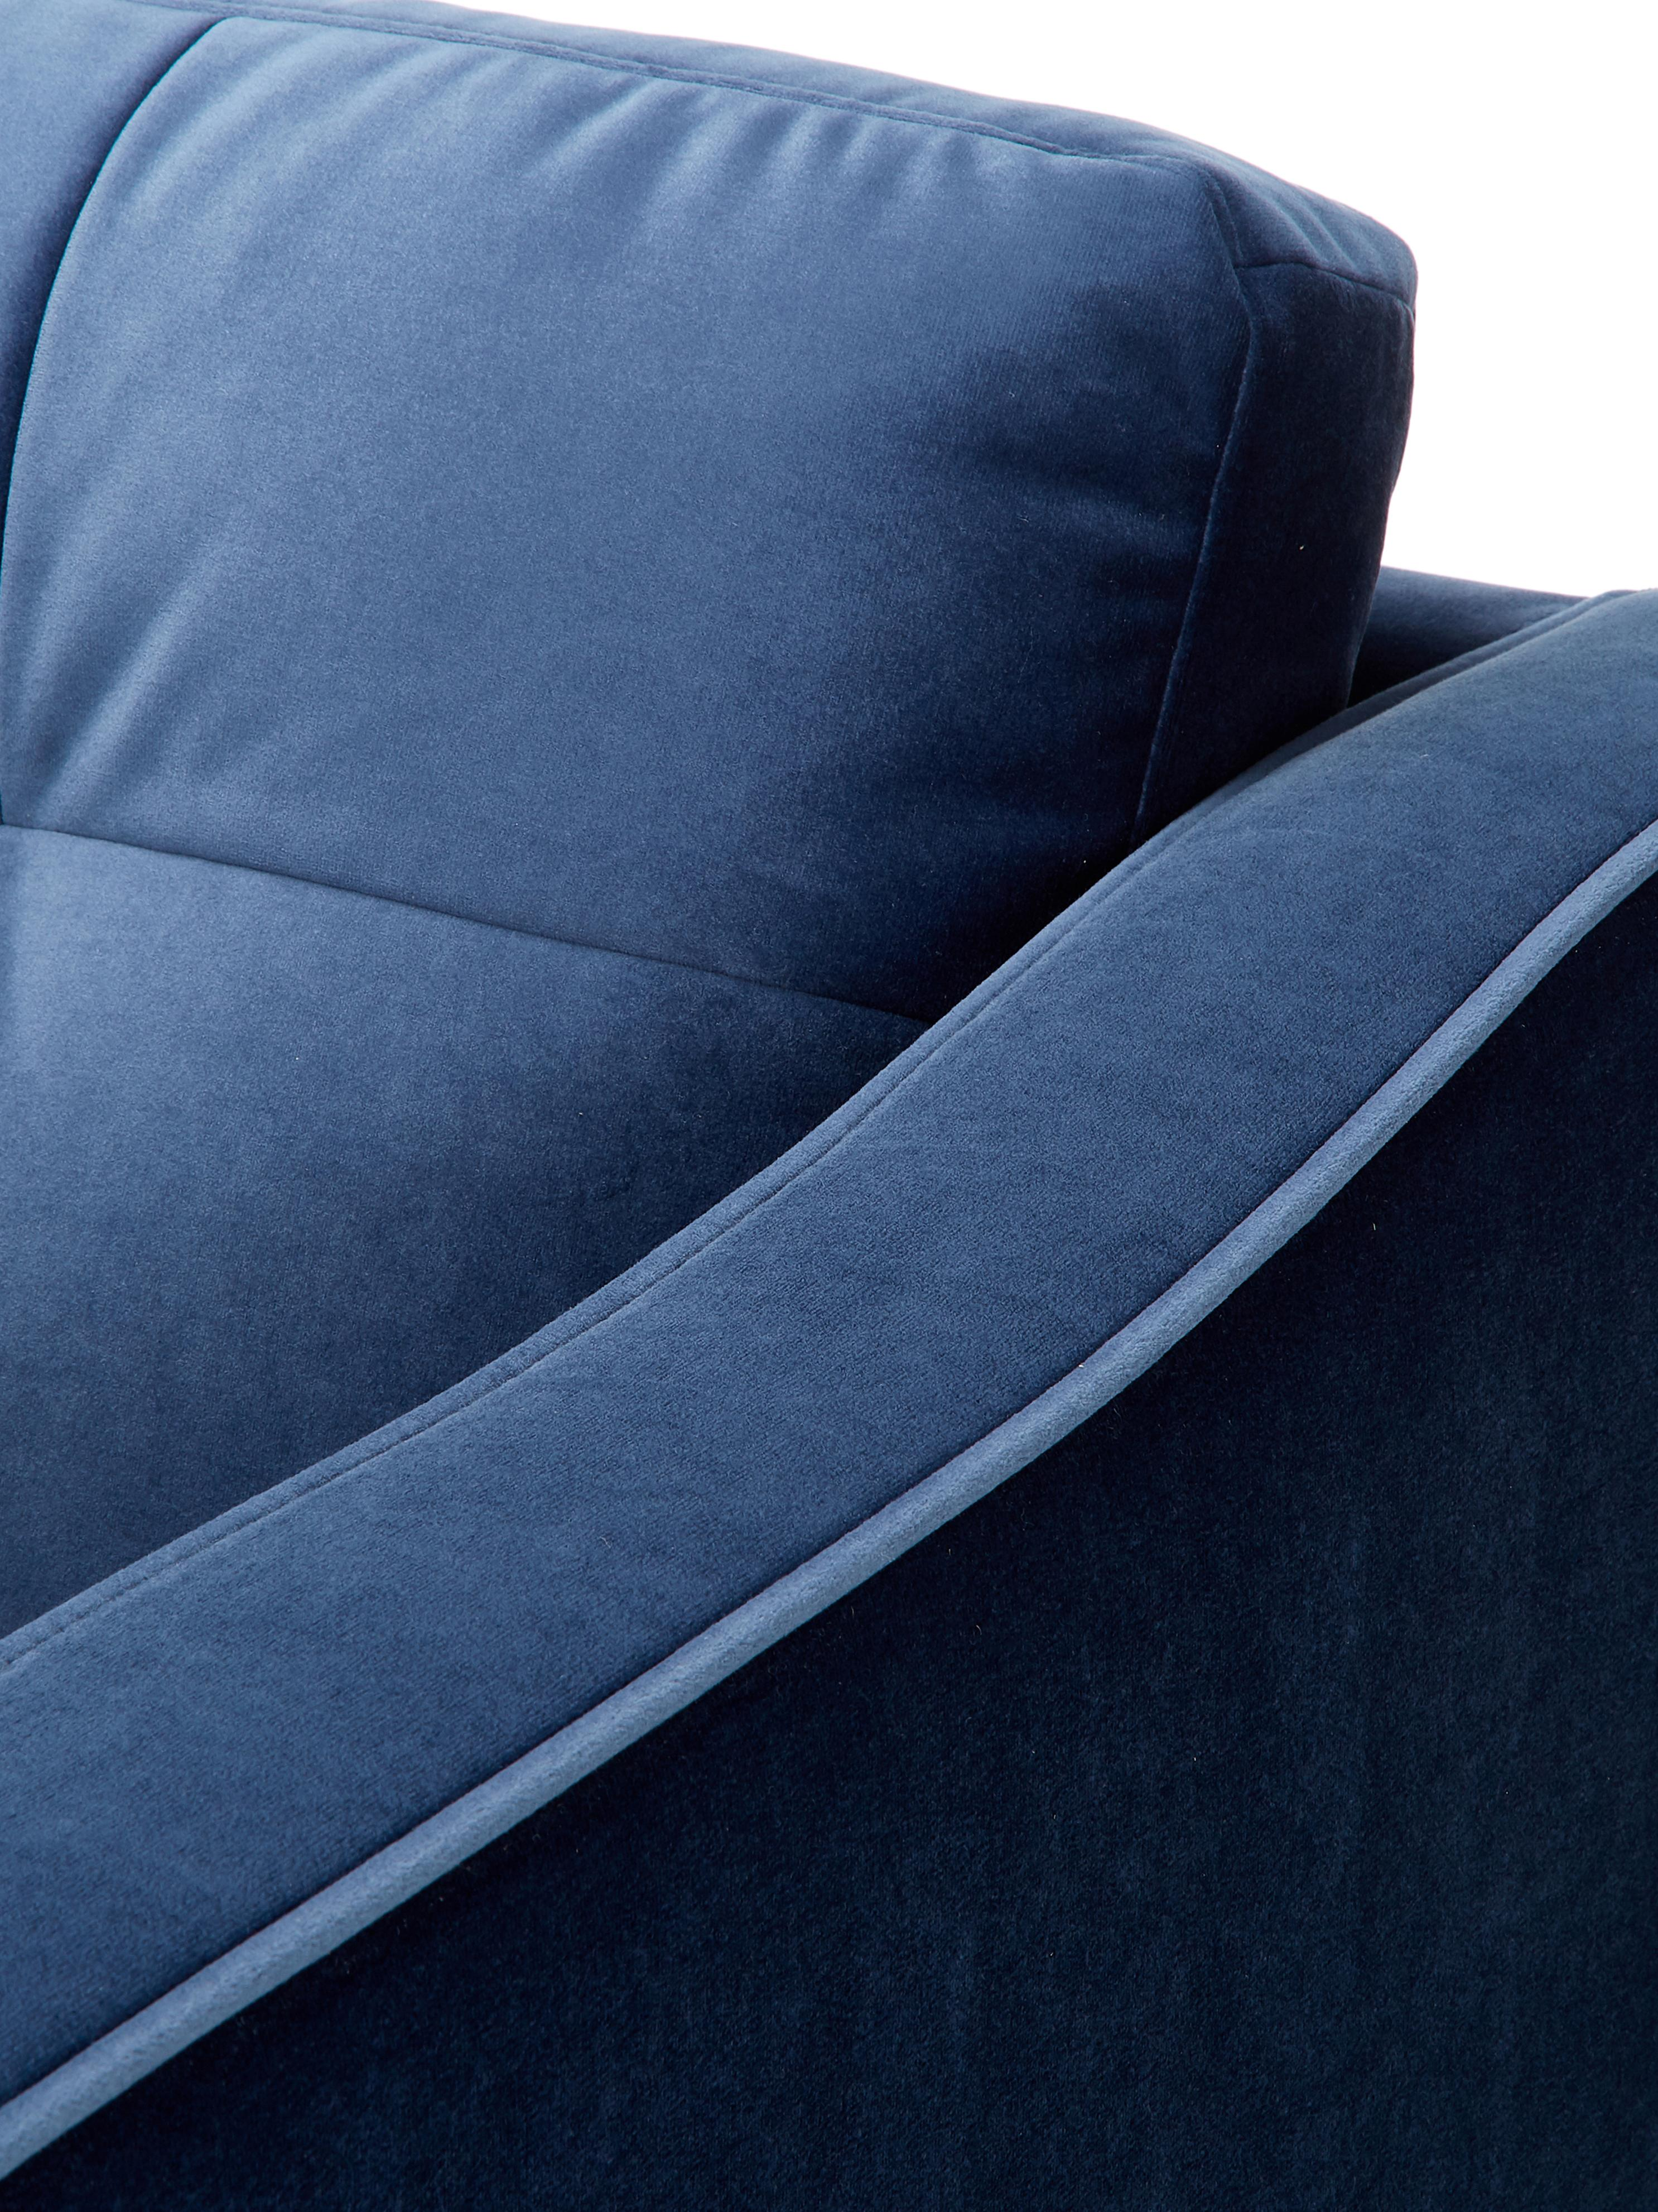 Sofá de terciopelo Alva (2plazas), Tapizado: terciopelo (poliéster de , Estructura: madera de pino maciza, Patas: madera de haya curtida, Azul oscuro, An 184 x F 92 cm